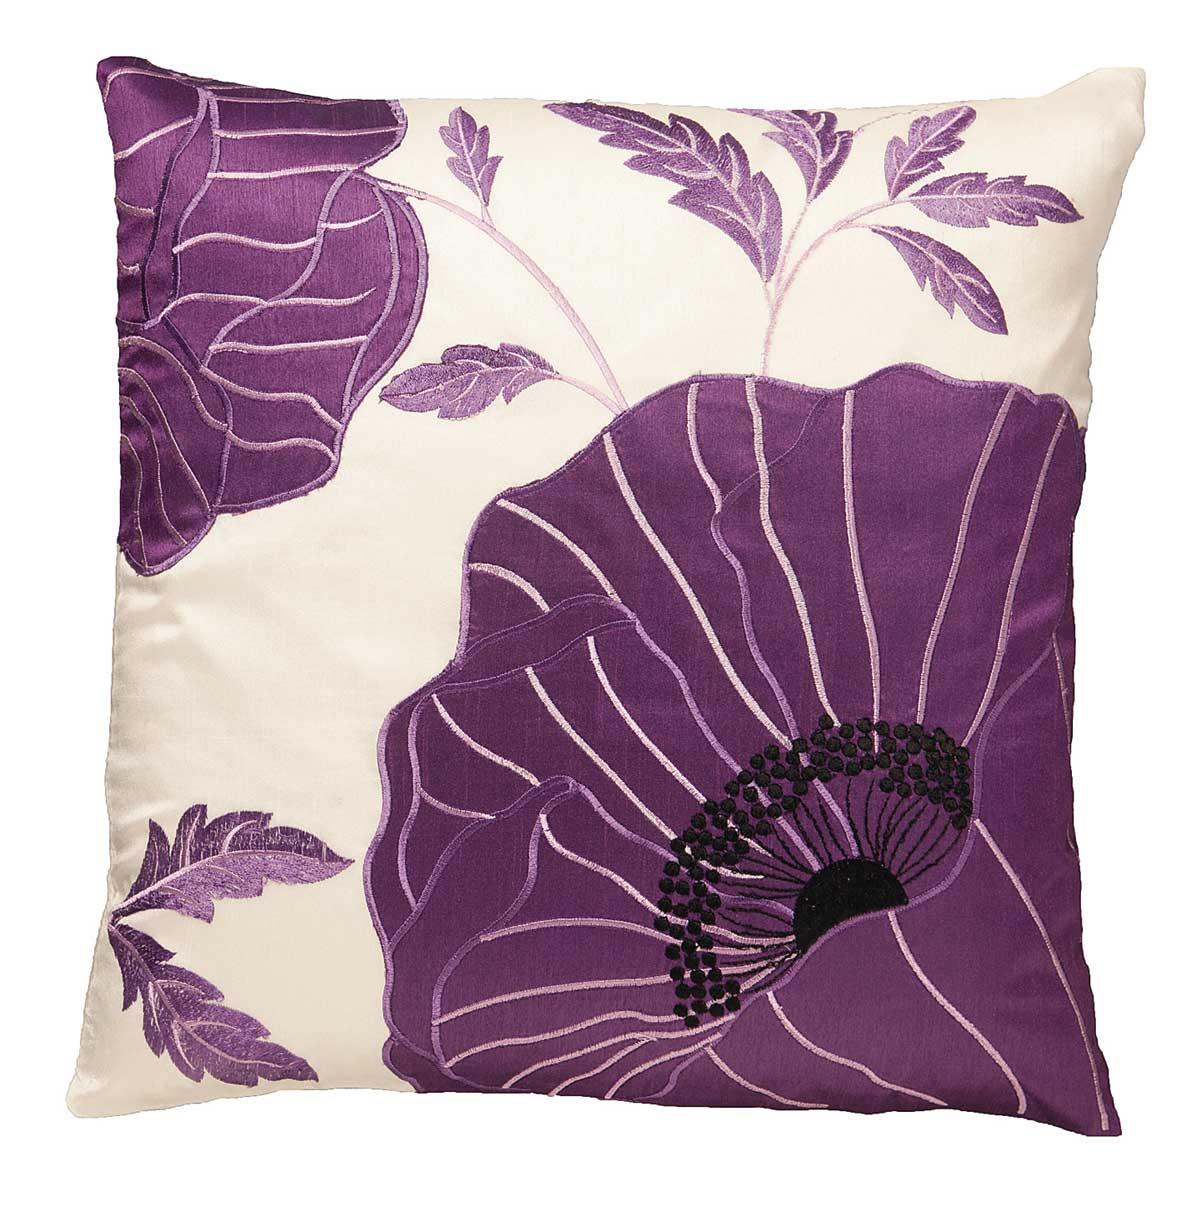 Chelsea Flower Head Cushion Cover Purple Cream 43x43cm